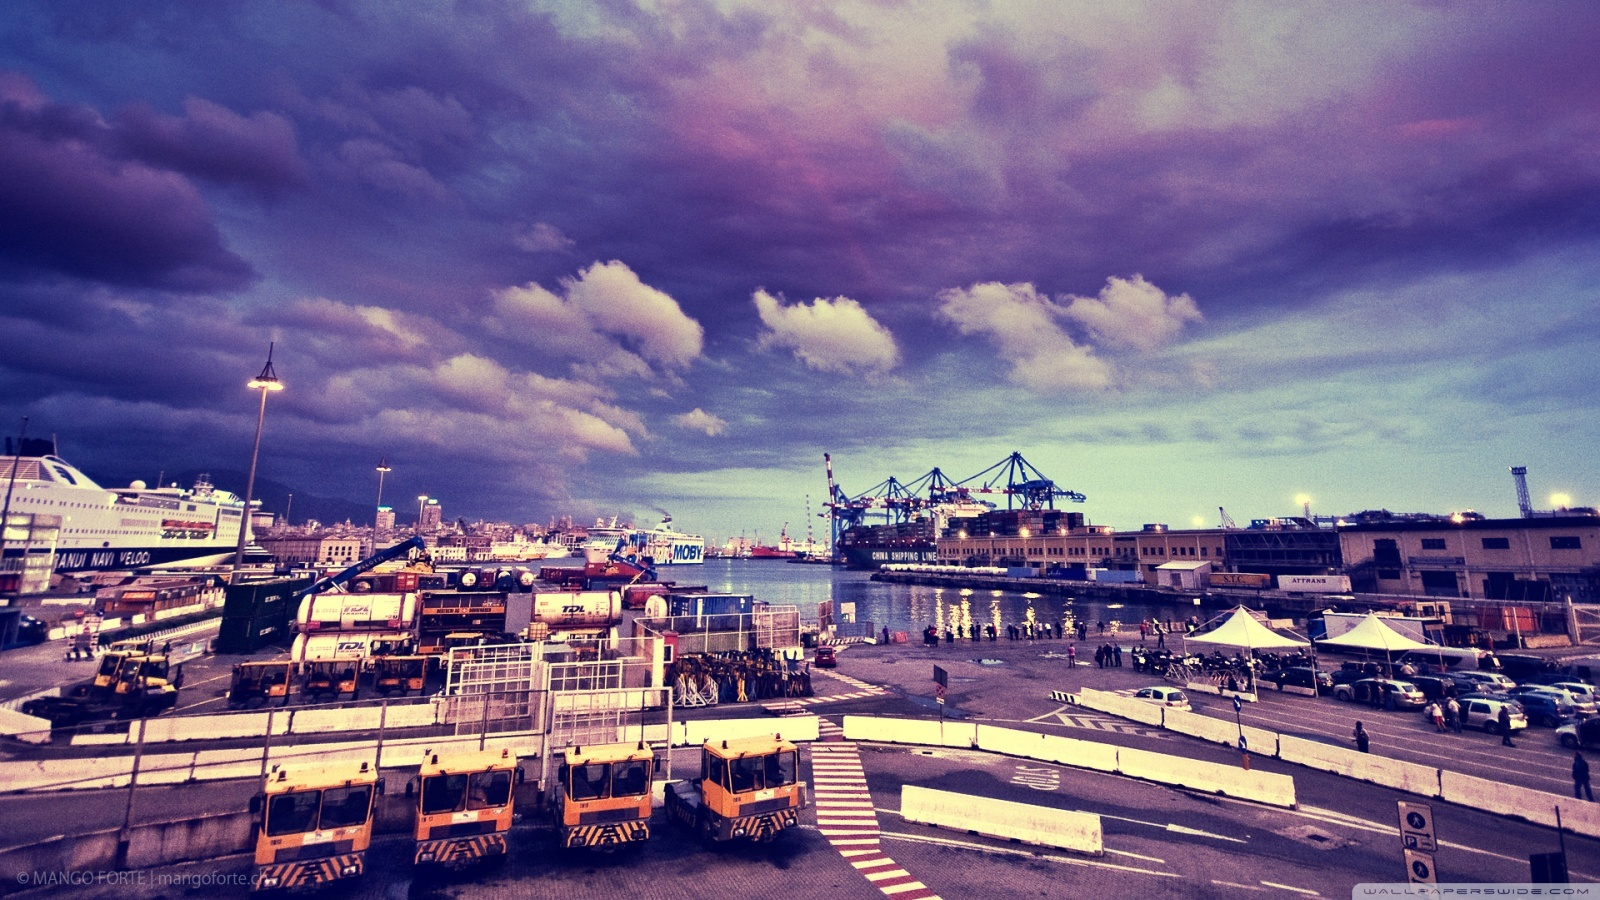 18539 скачать обои Пейзаж, Города, Небо, Море, Облака - заставки и картинки бесплатно